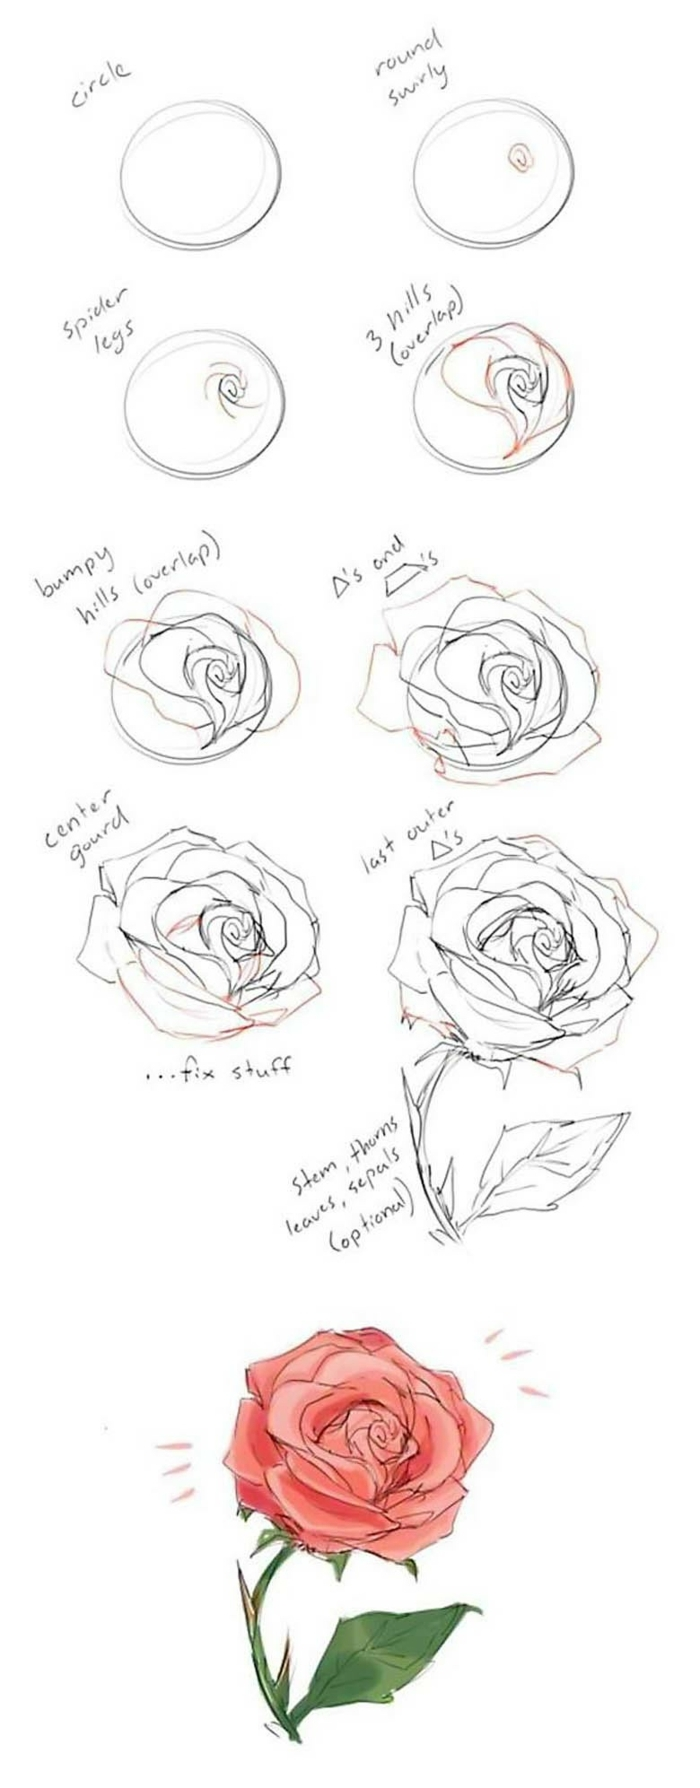 pasos para dibujar una rosa y pintarla, como dibujar una rosa, flores dibujos a lapiz, dibujos con acuarelas ideas bonitas